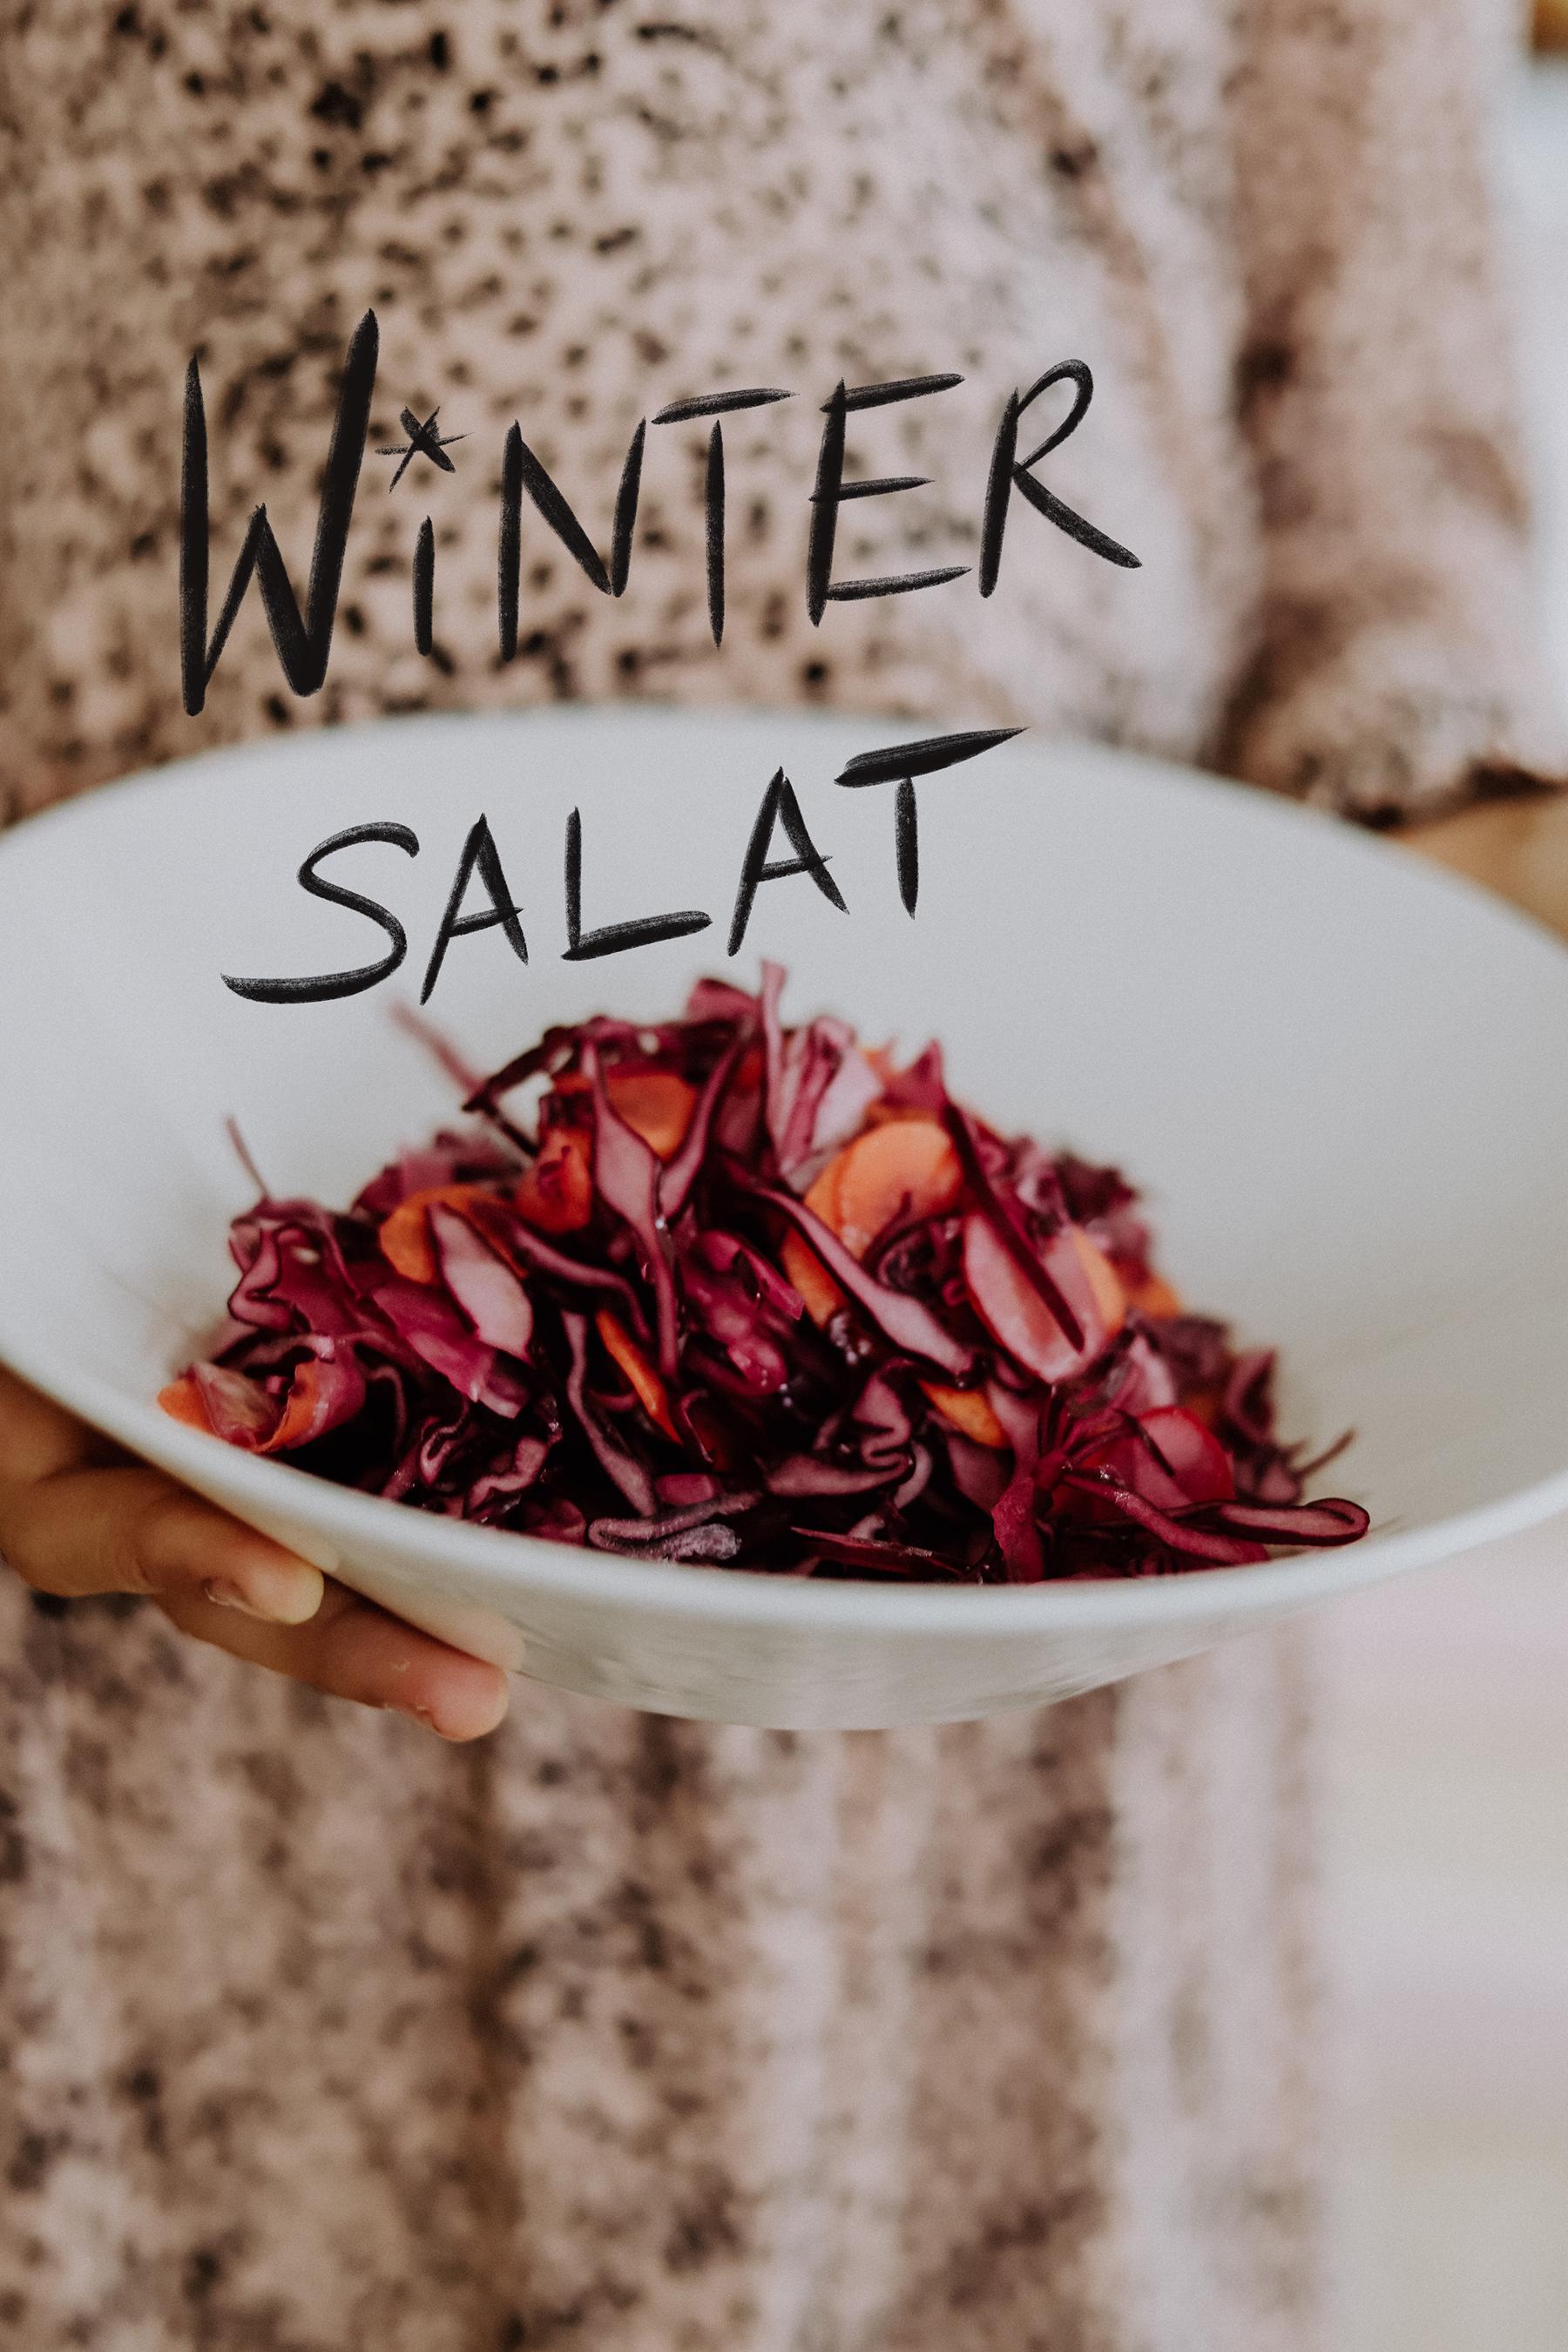 Rezepte: Winter Salat mit Rotkohl, Fenchel und Karotten